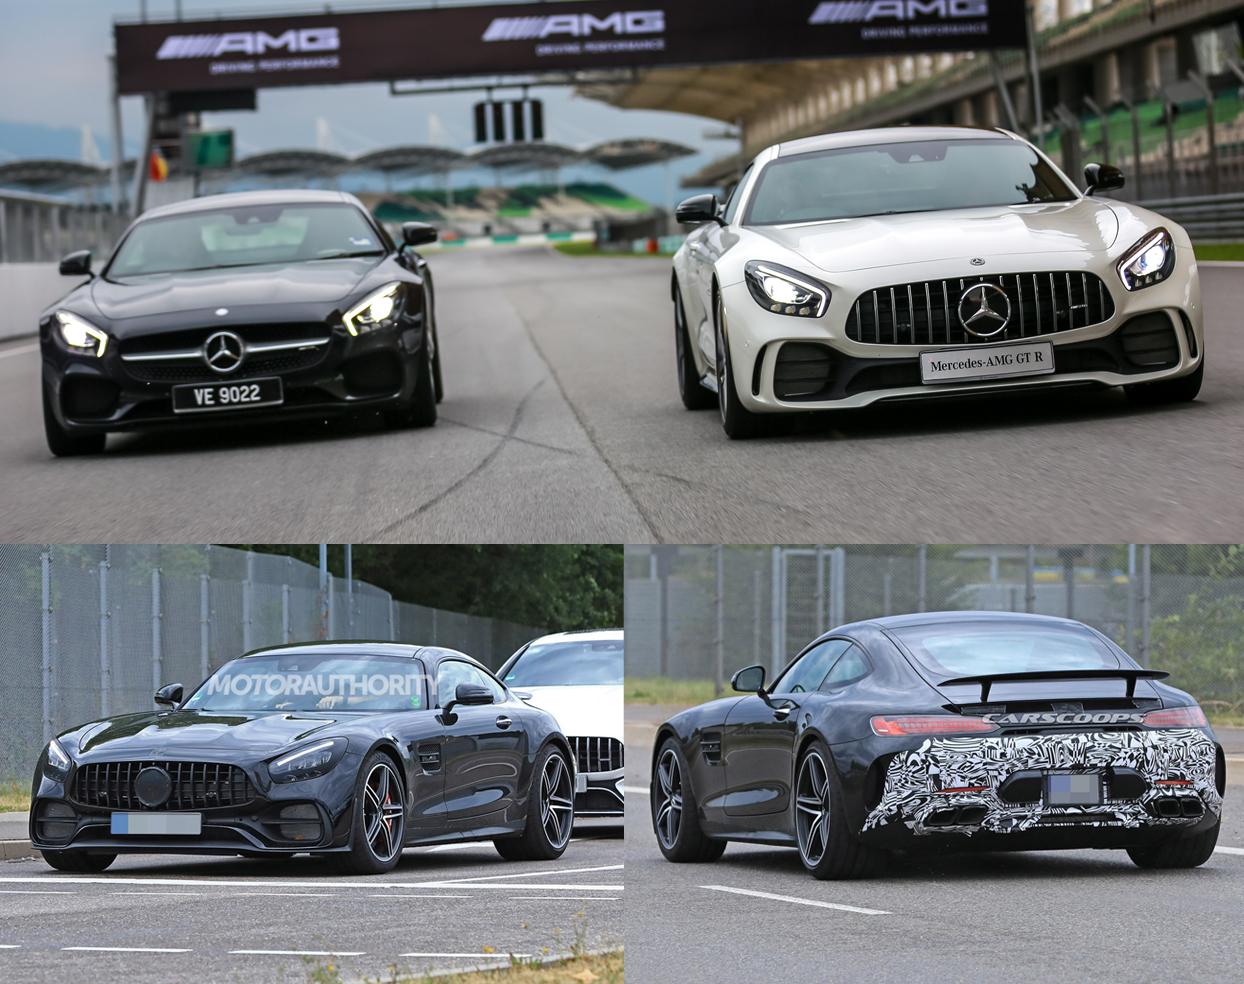 برترین خودروهایی که در سال ۲۰۱۹ معرفی میشوند +تصاویر - 12